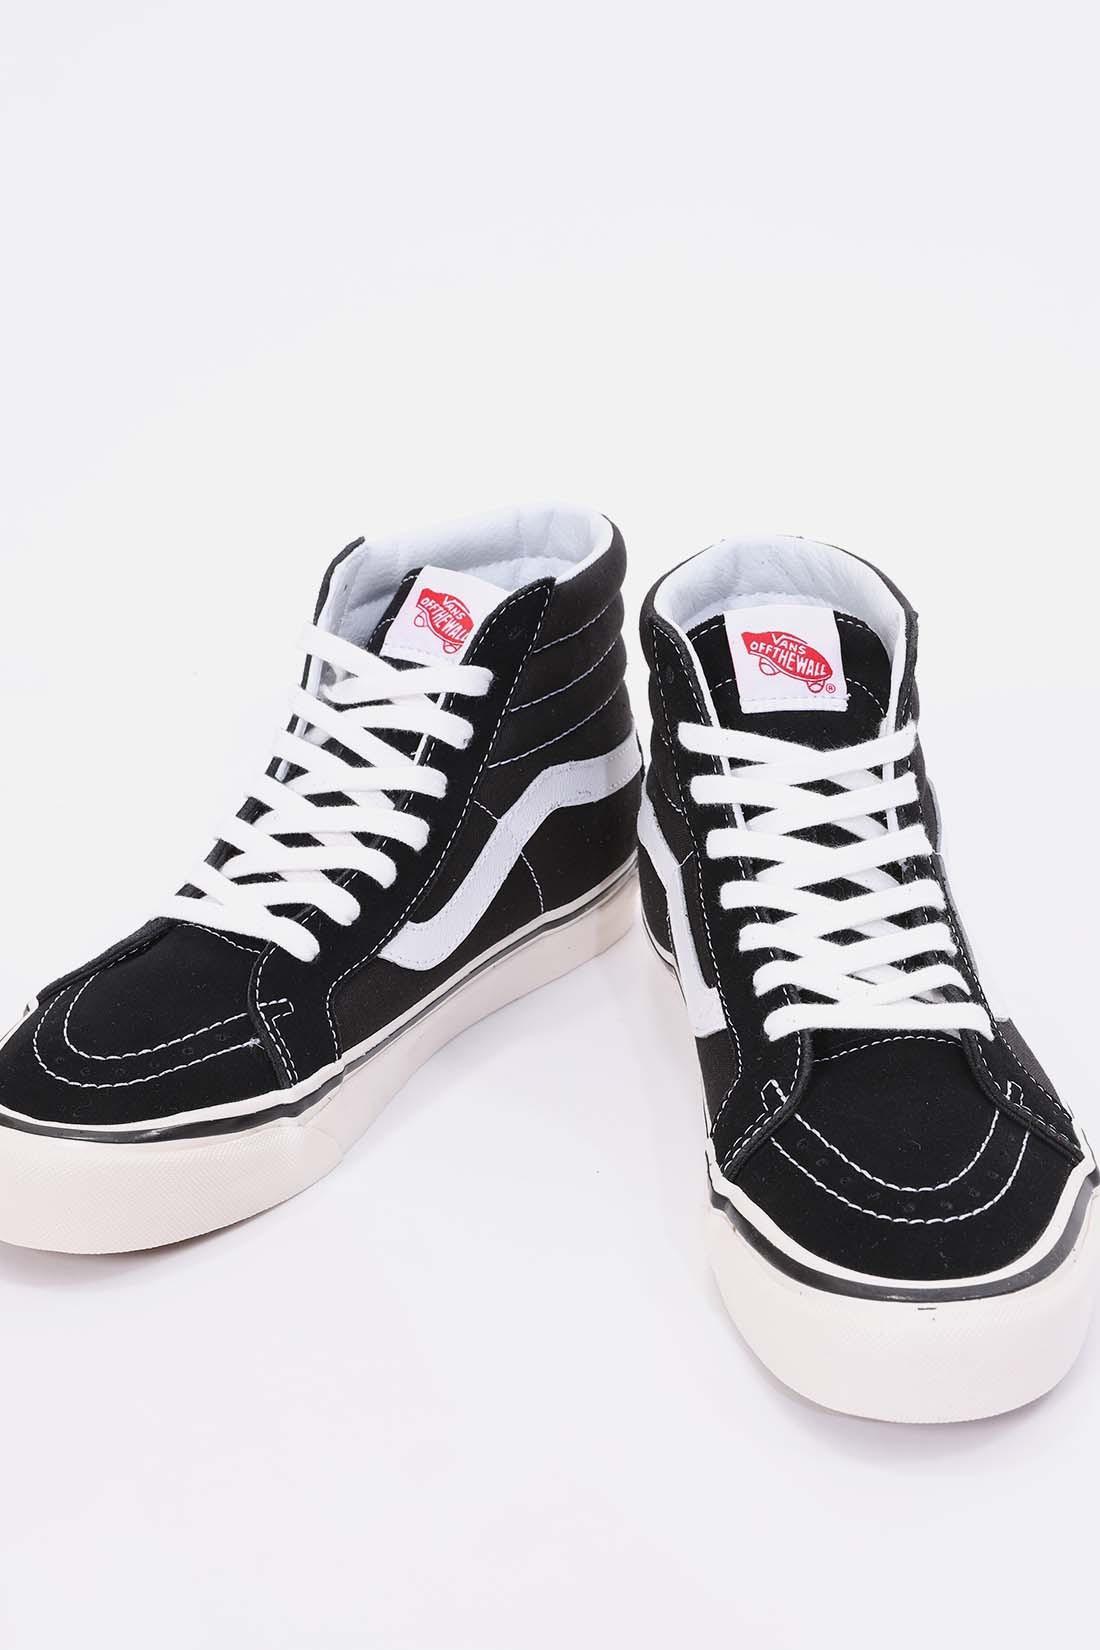 VANS / Sk8-hi 38 dx Black/white